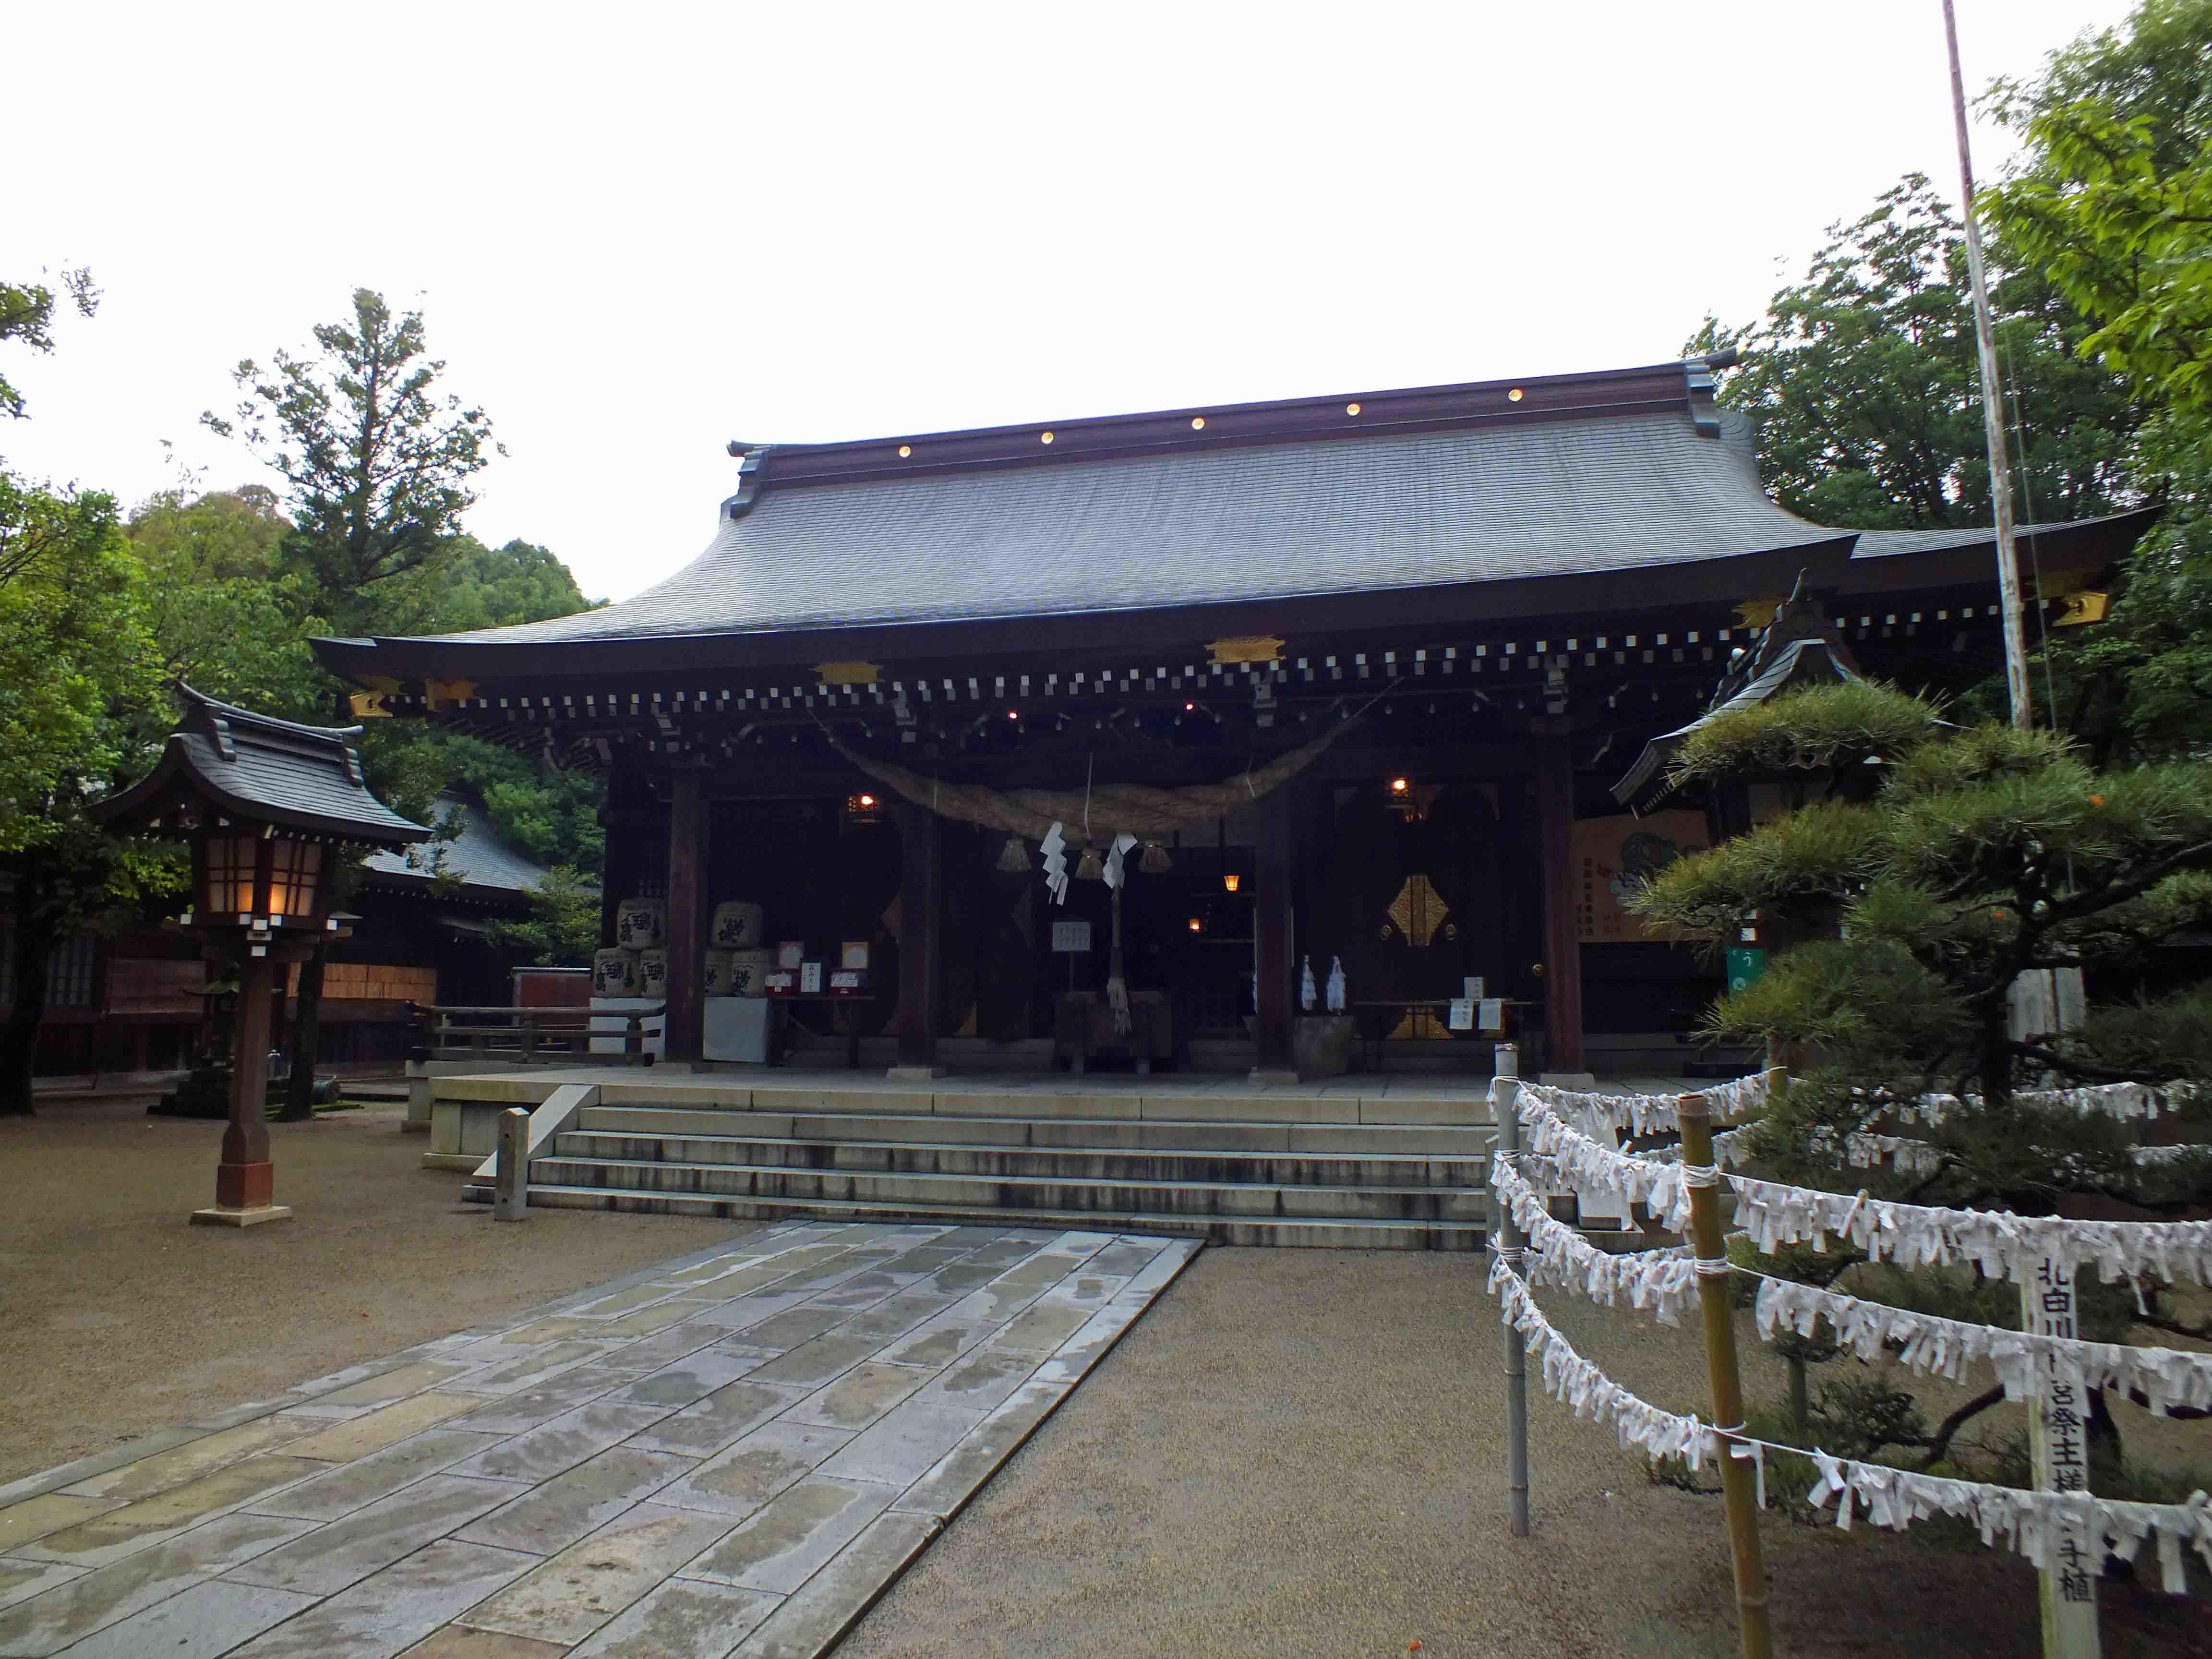 菊池神社 拝殿